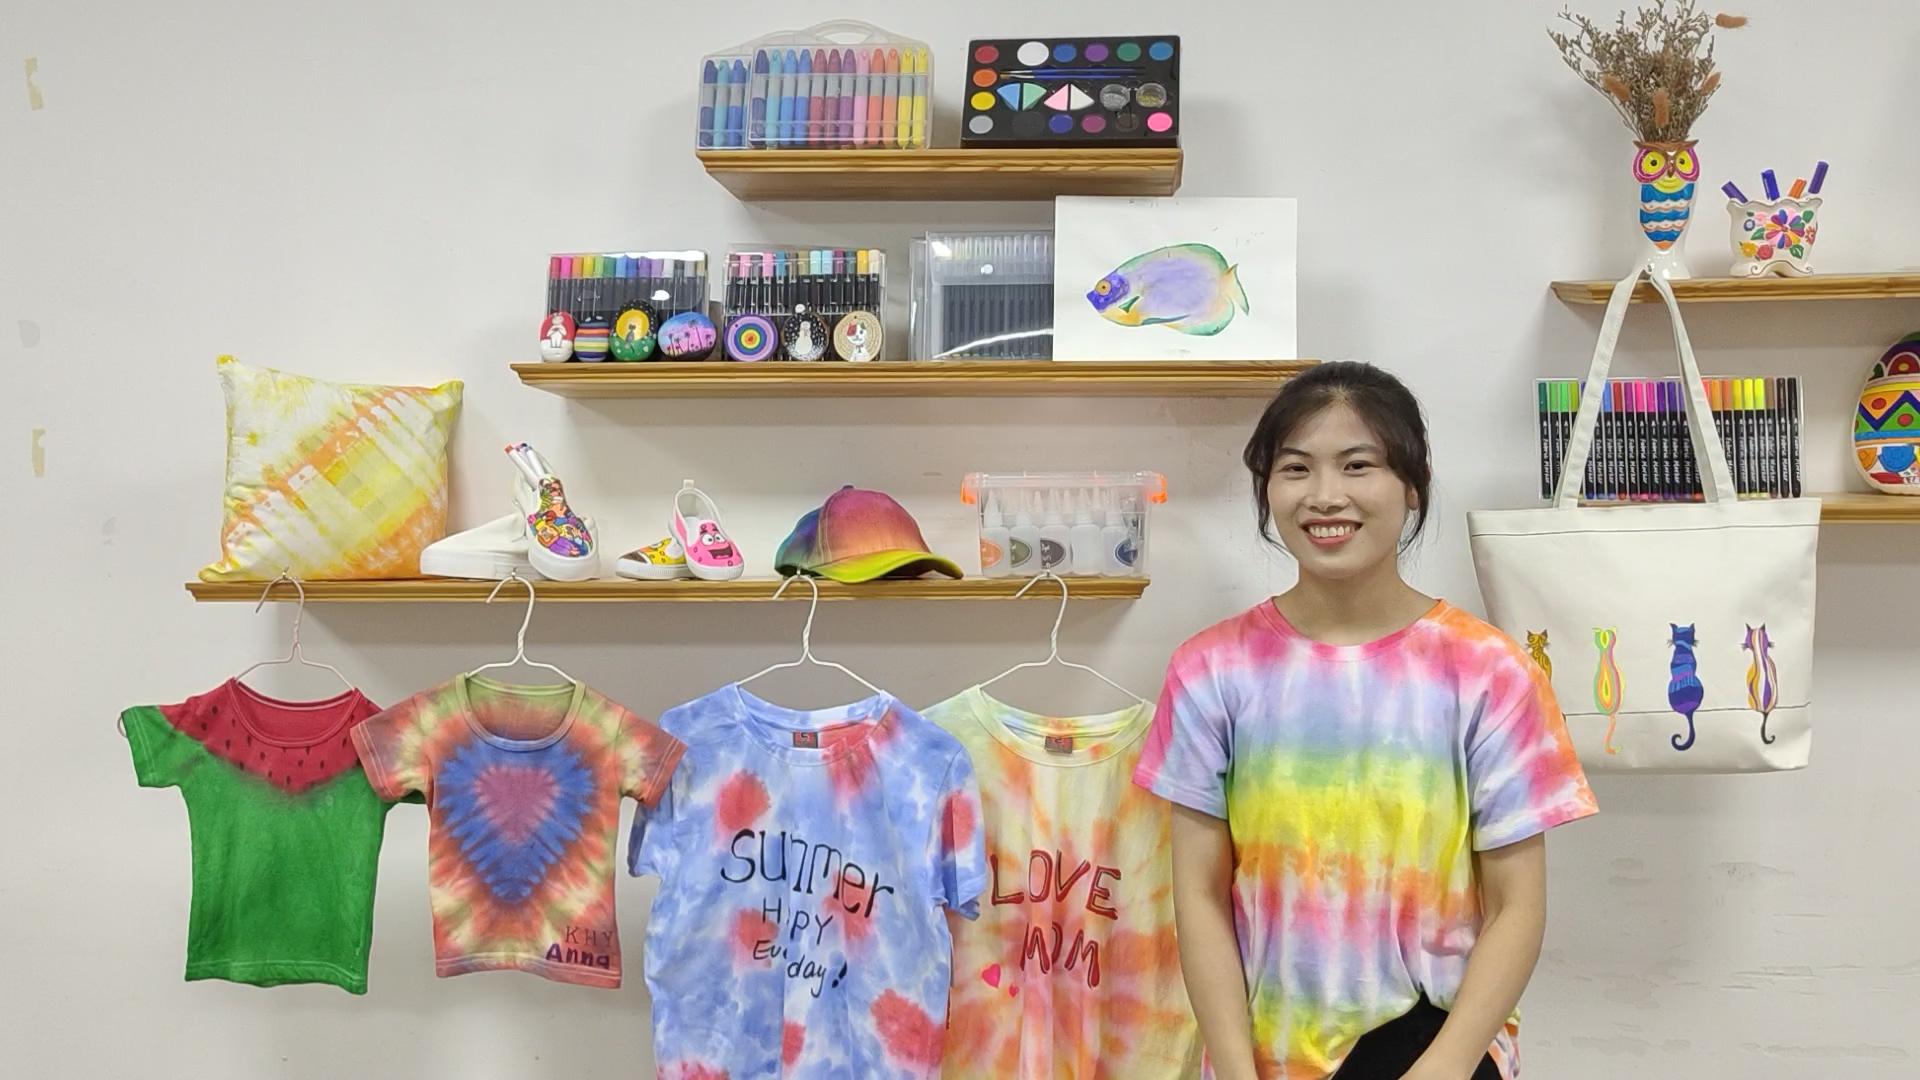 Mẫu Miễn Phí DIY Vải Tie Dye T Áo Sơ Mi Bột Cotton Thuốc Nhuộm Hoạt Tính Cho Thử Nghiệm Của Bạn